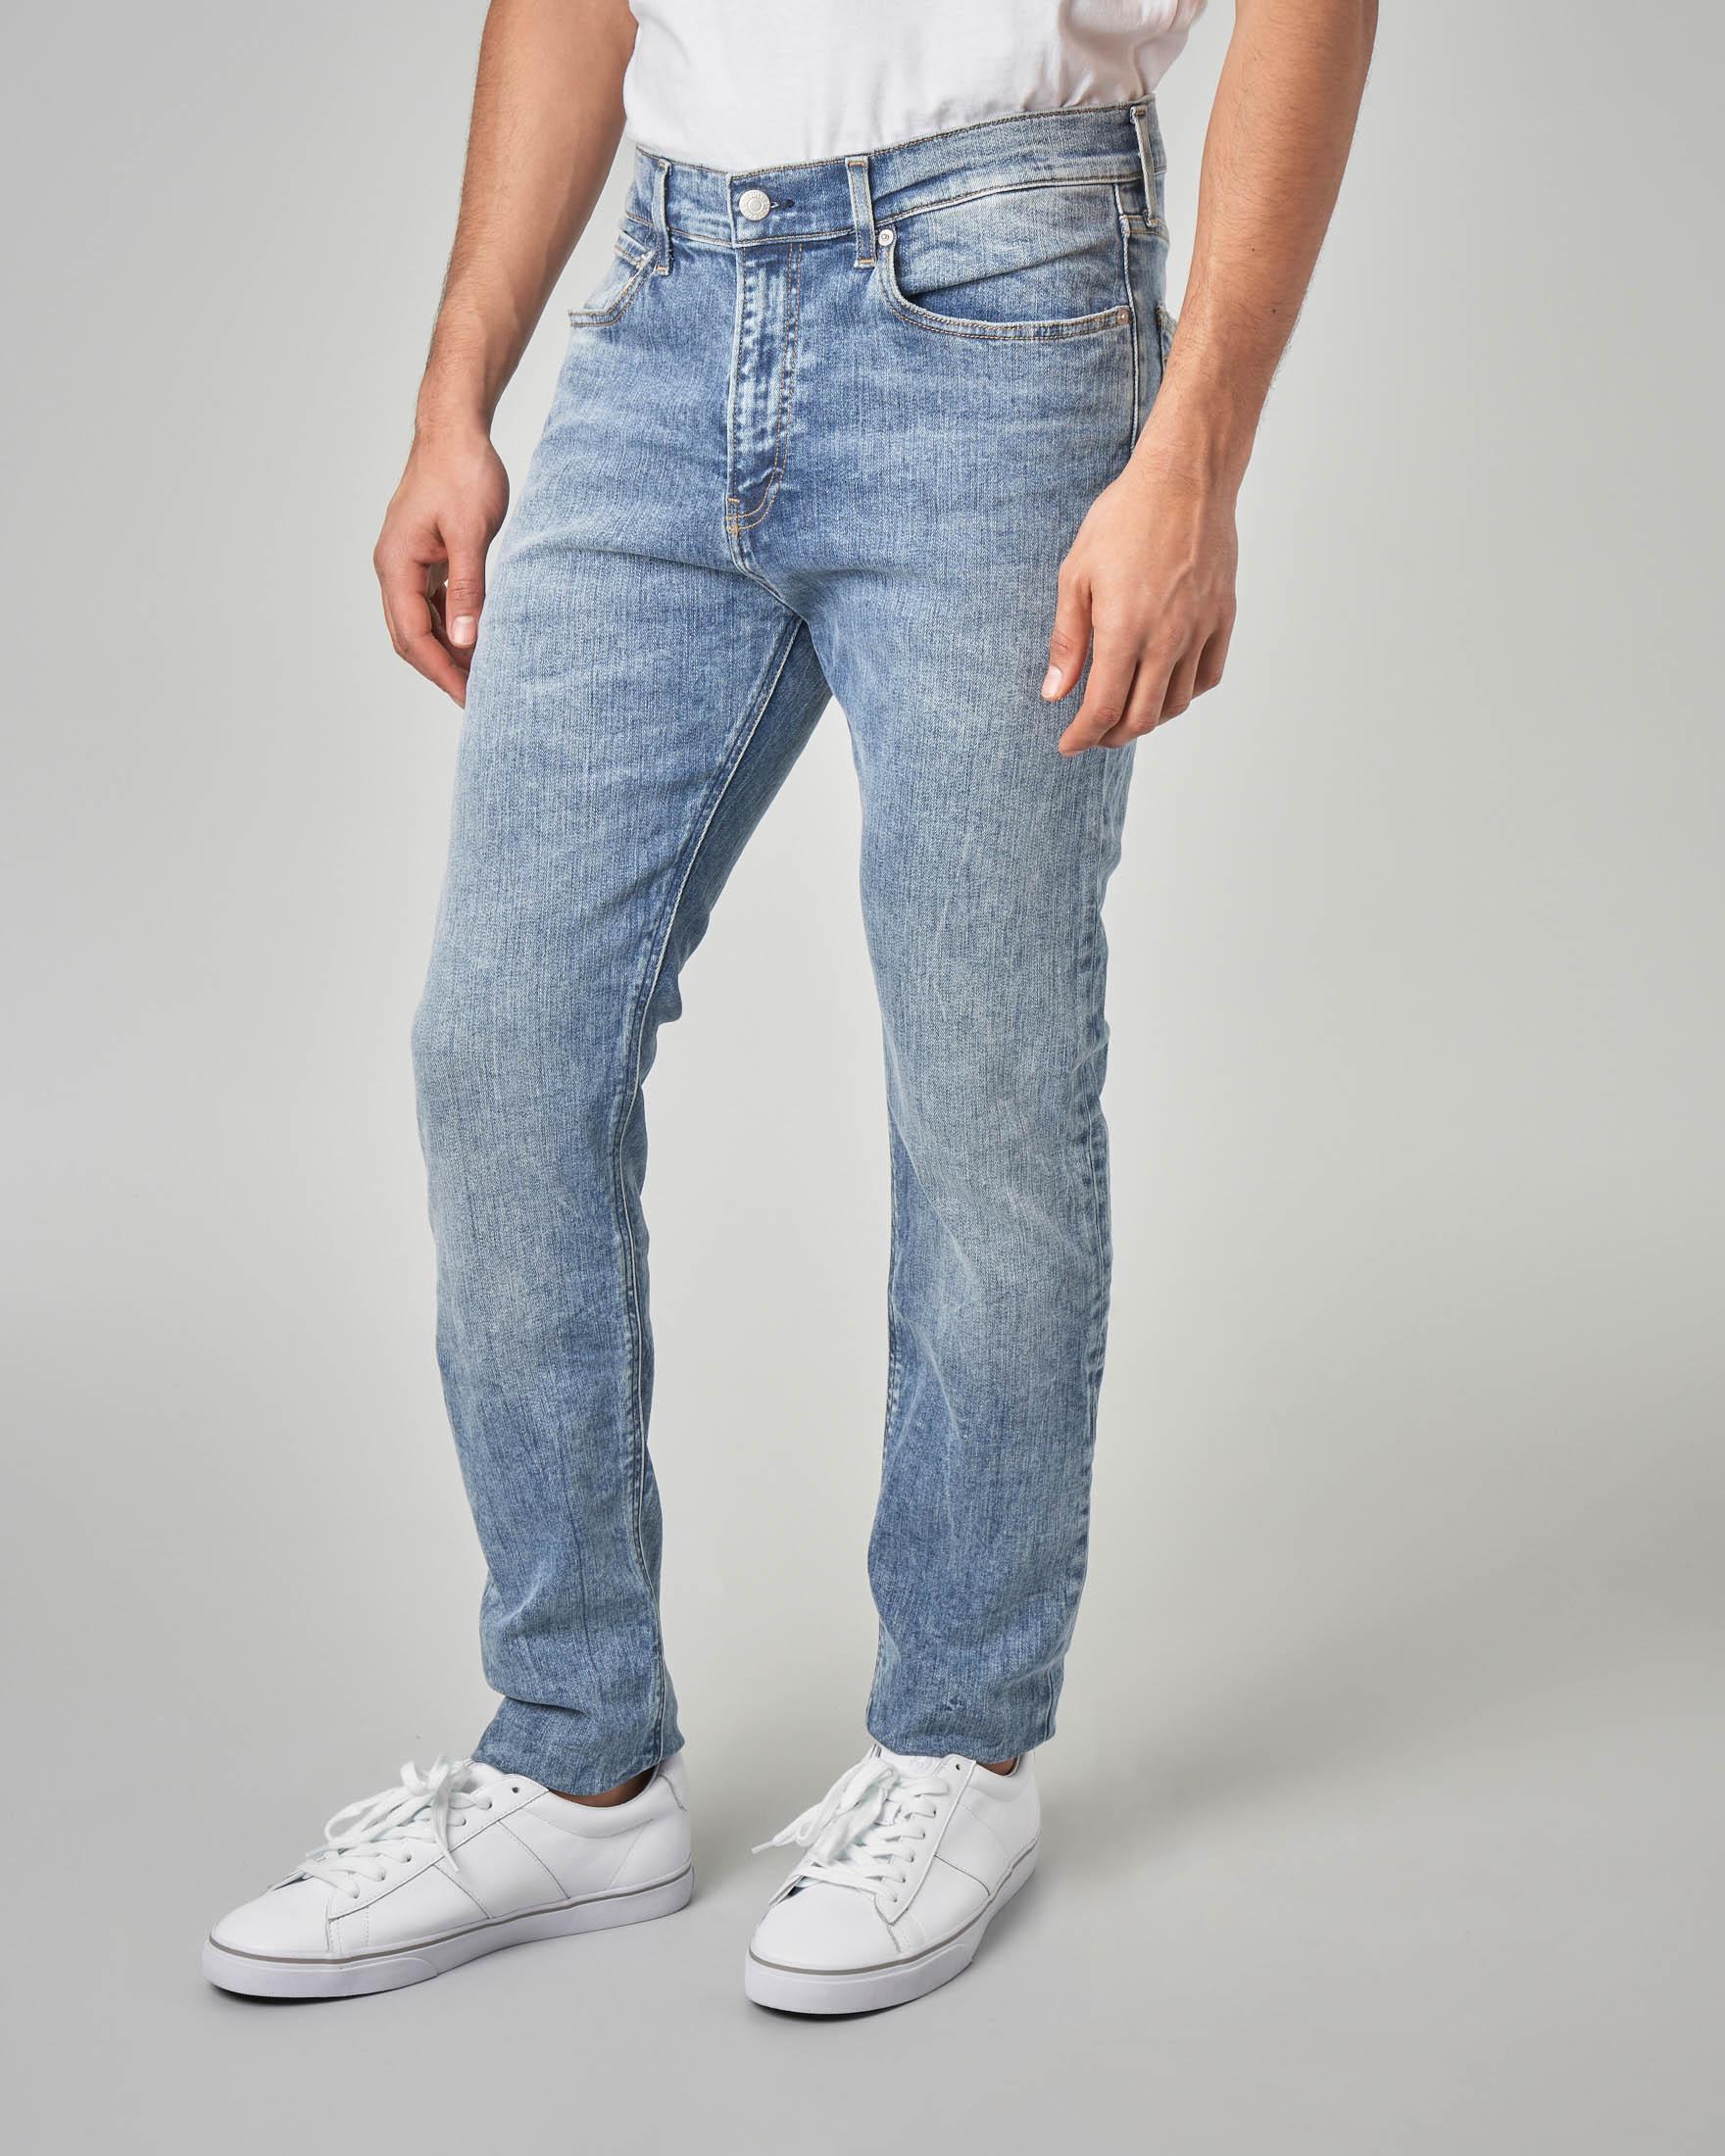 Jeans skinny marmorizzato